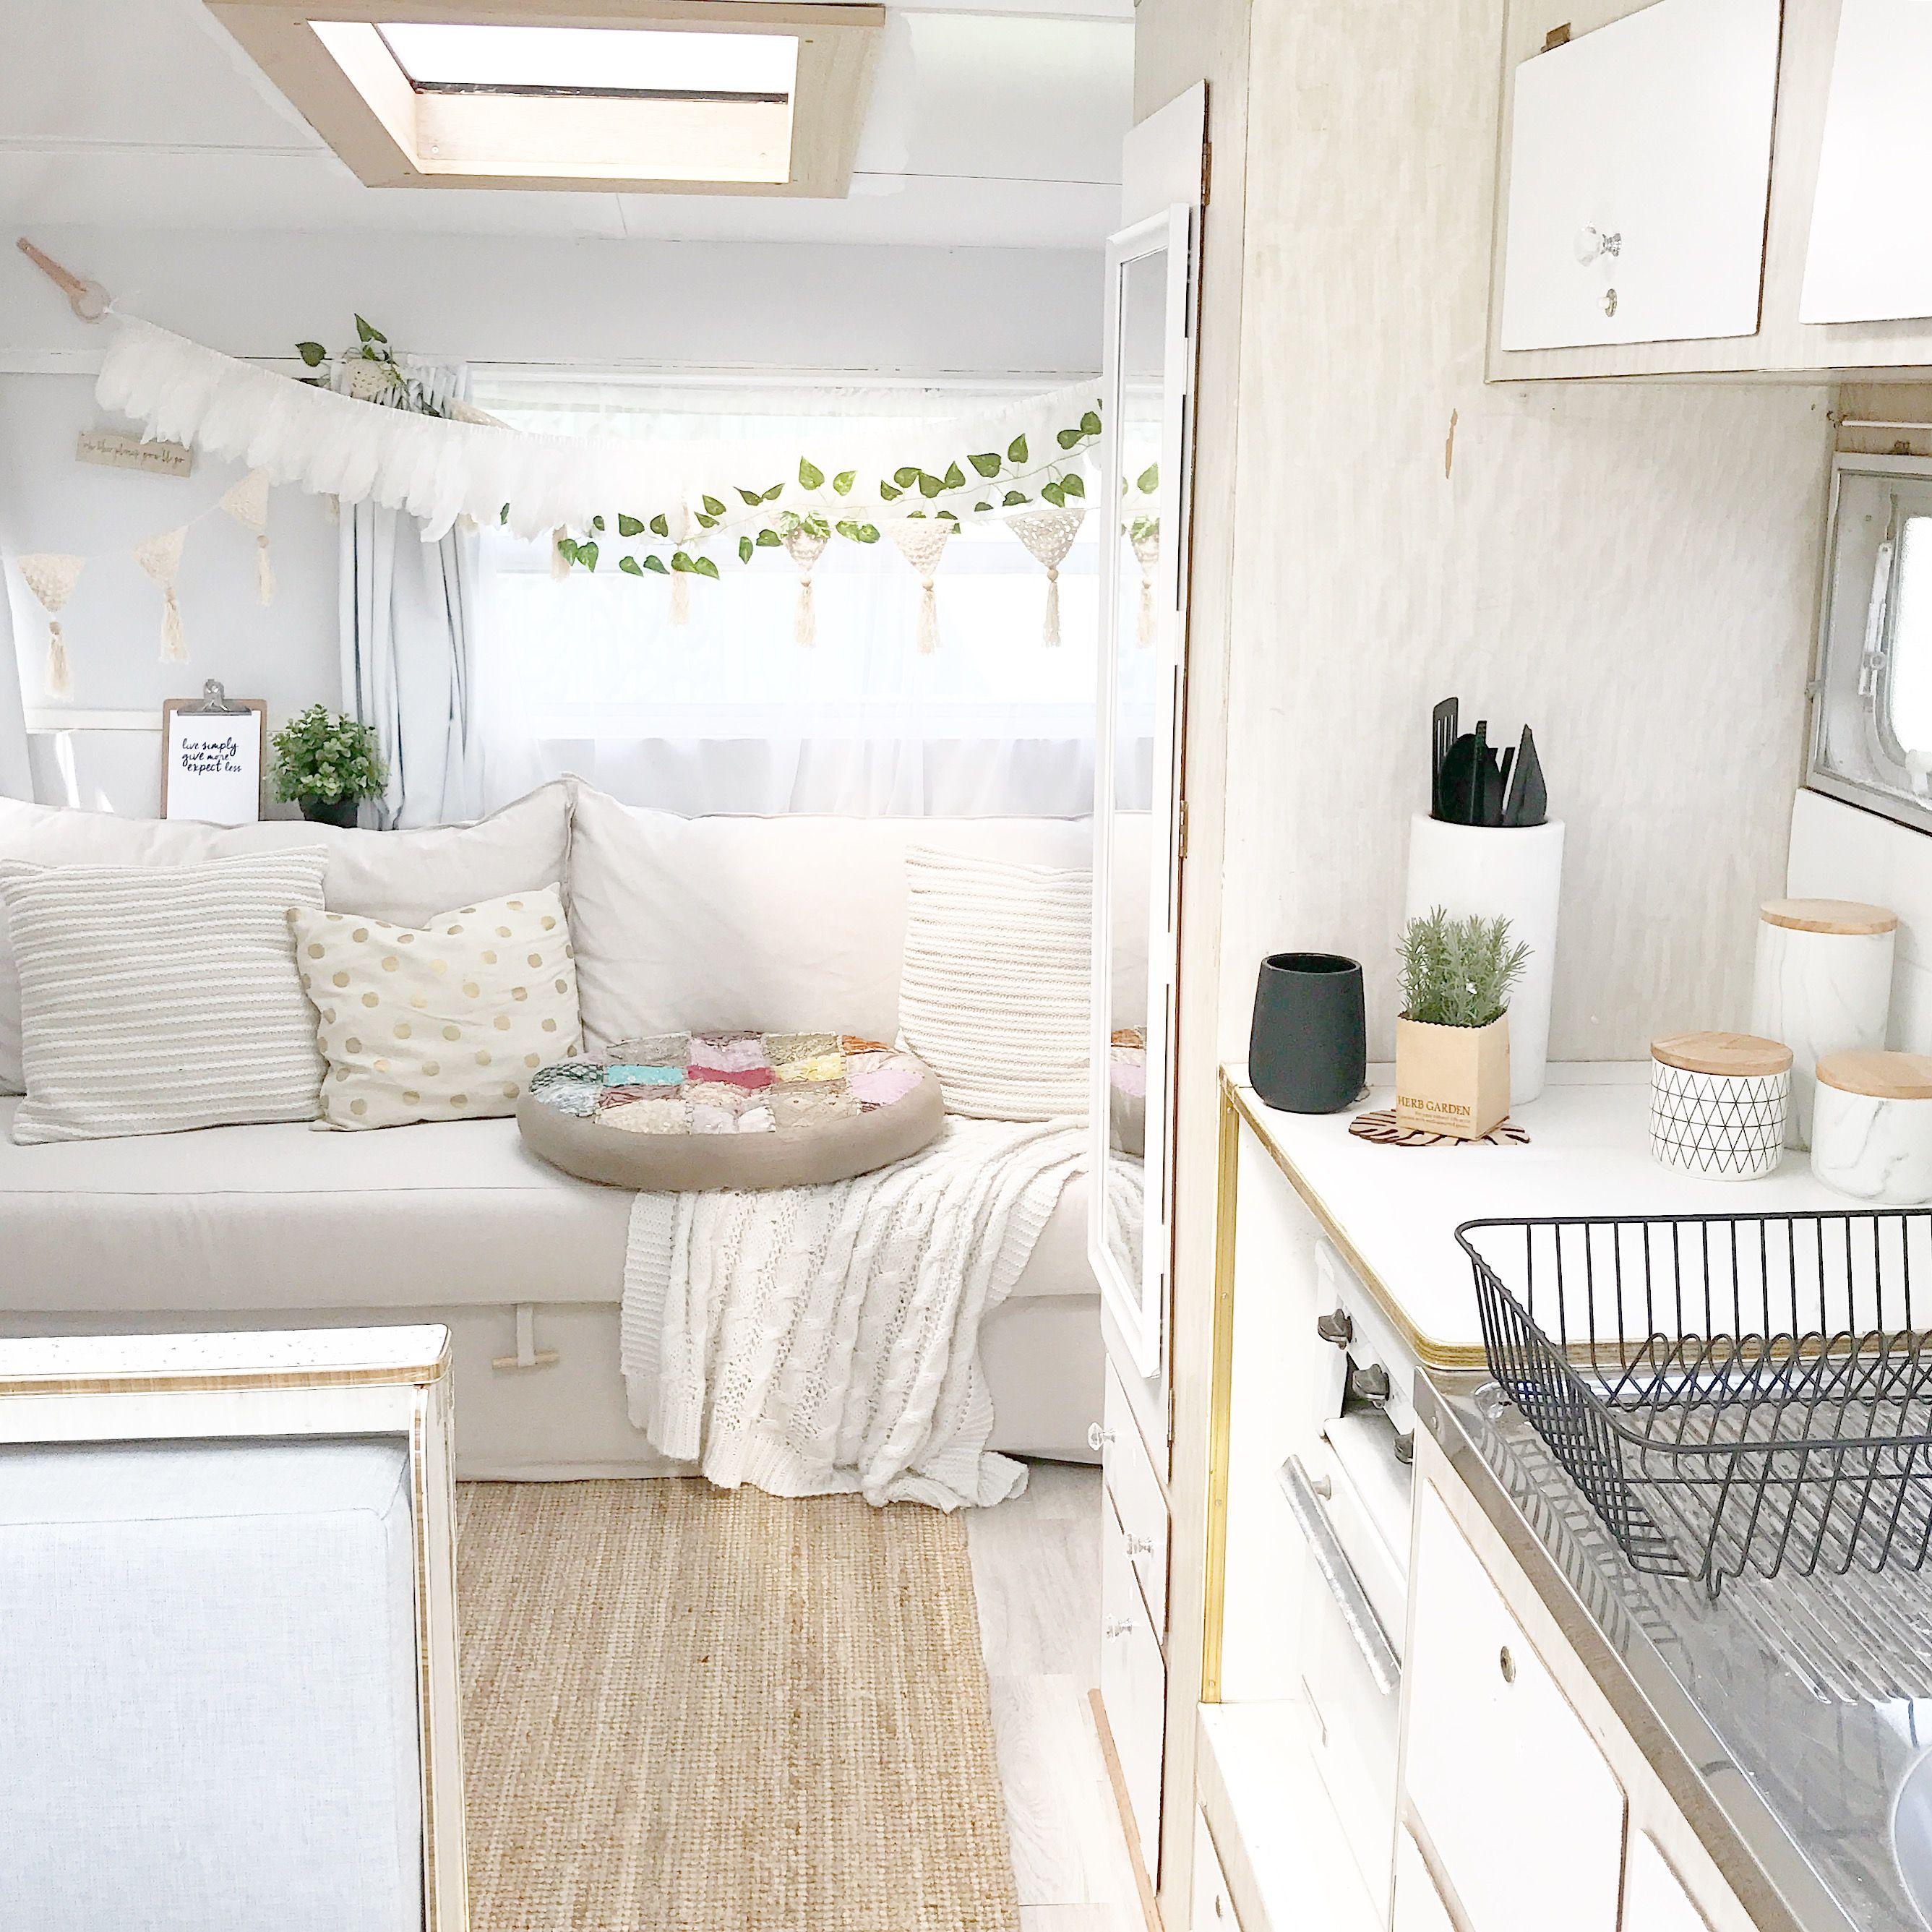 vintage viscount caravan renovation gypsy boho interior caravan ideas pinterest caravan. Black Bedroom Furniture Sets. Home Design Ideas